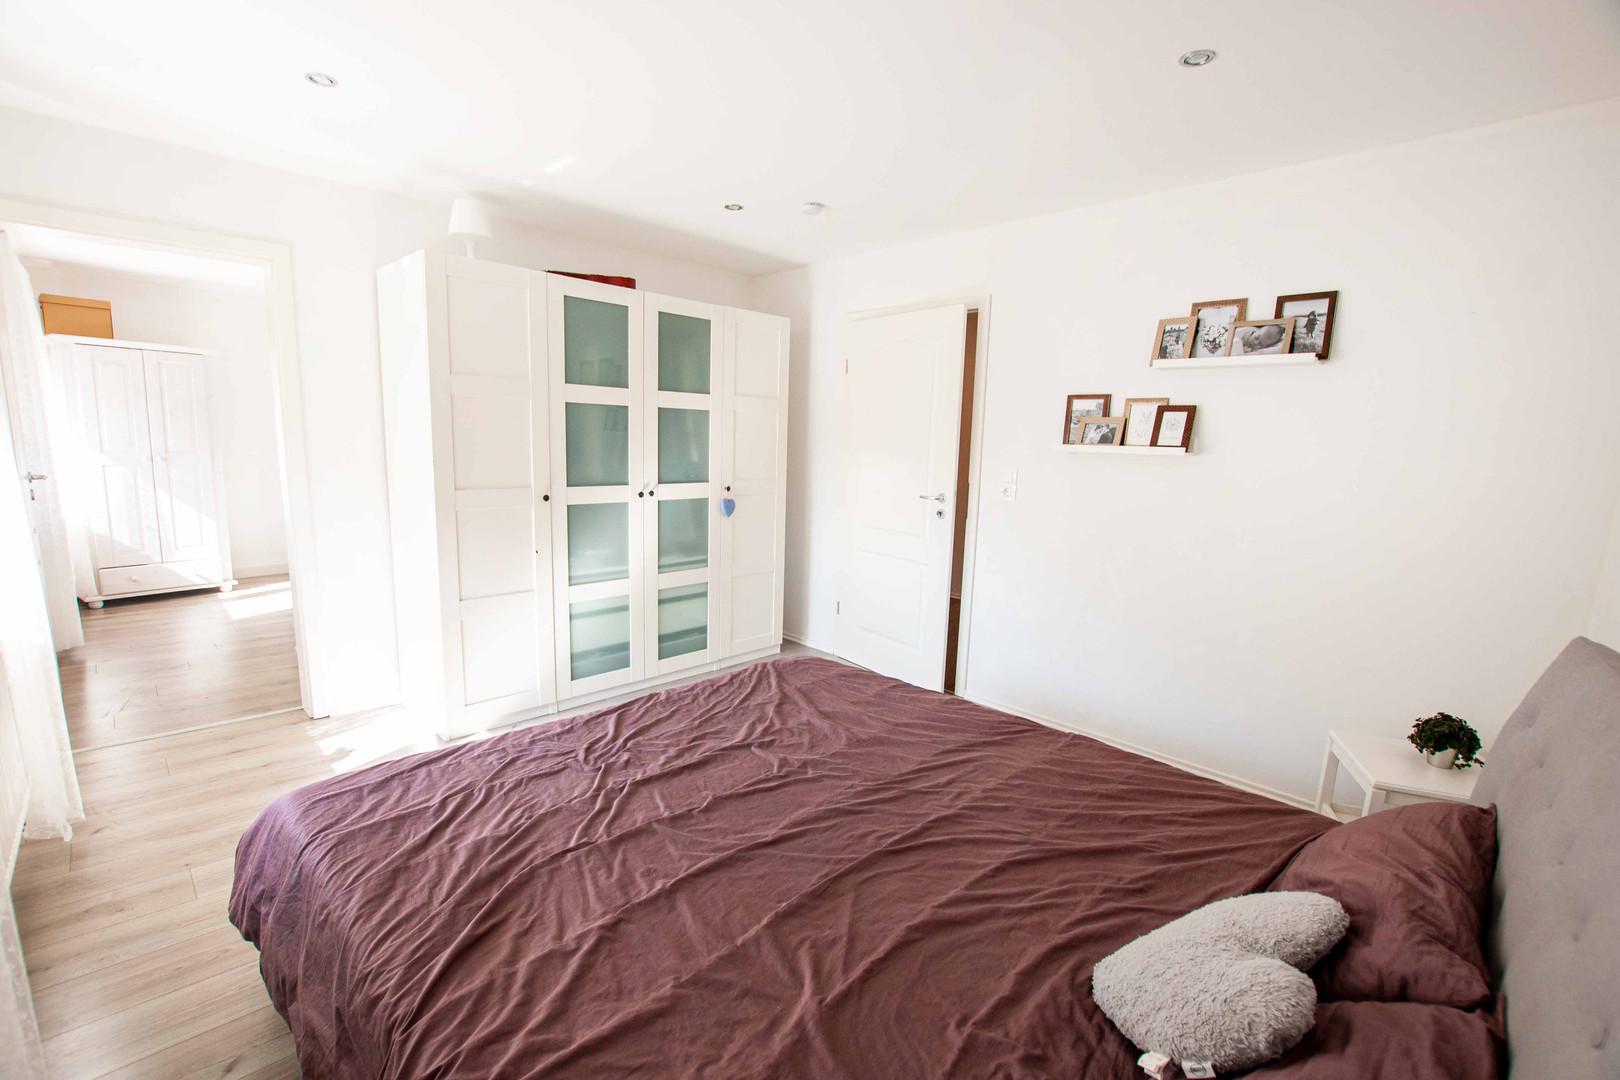 Schlafzimmer mit begebarem Ankleiderzimmer